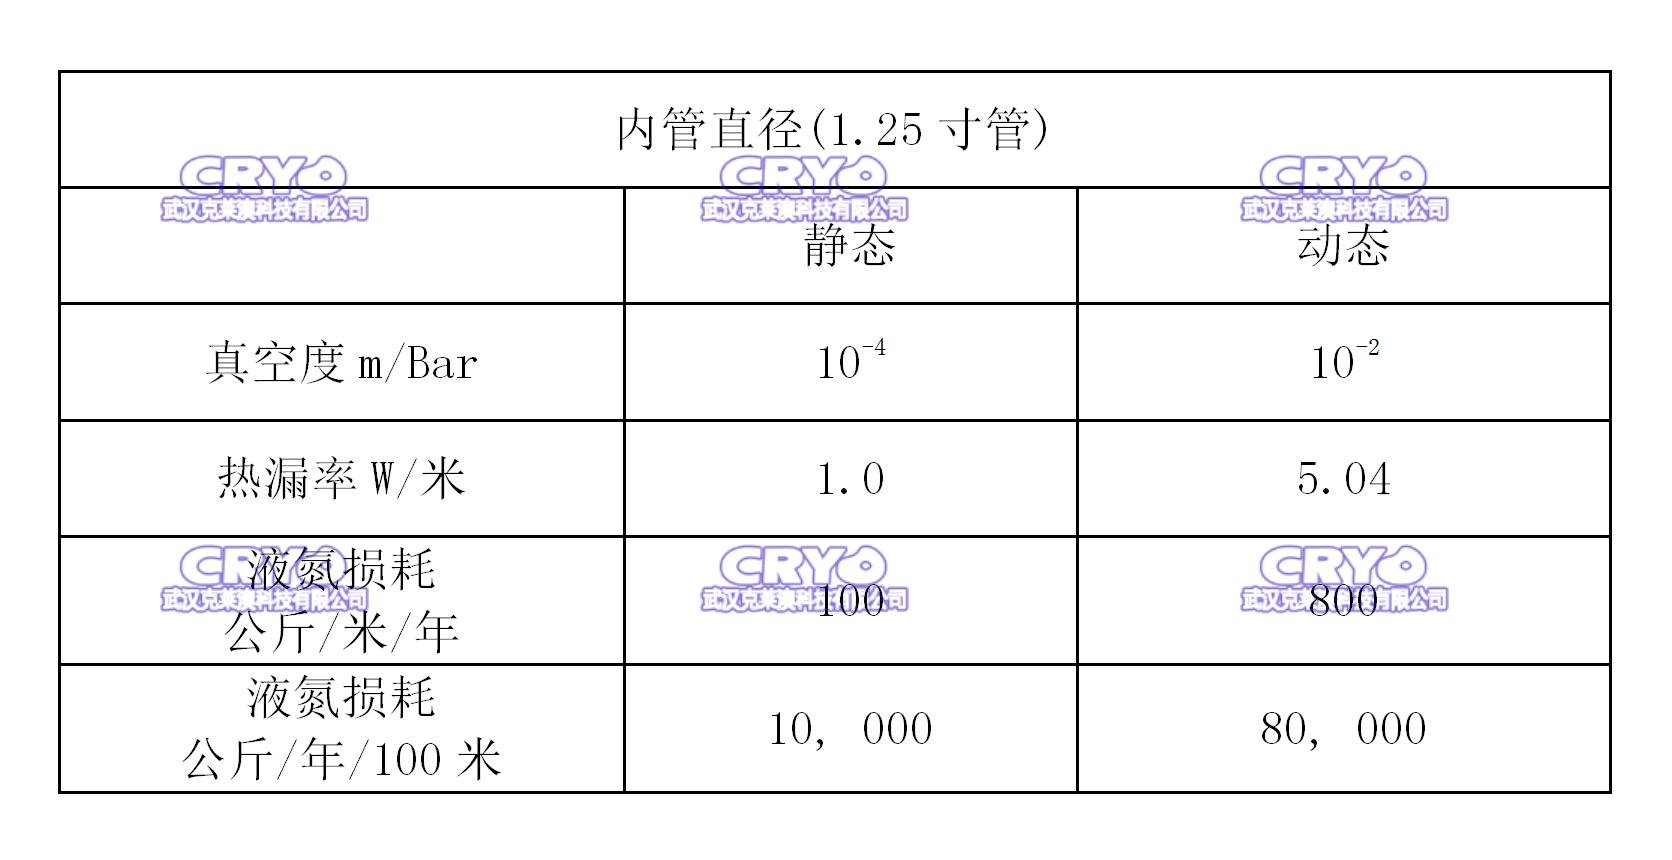 4静态真空绝热软 (4).png